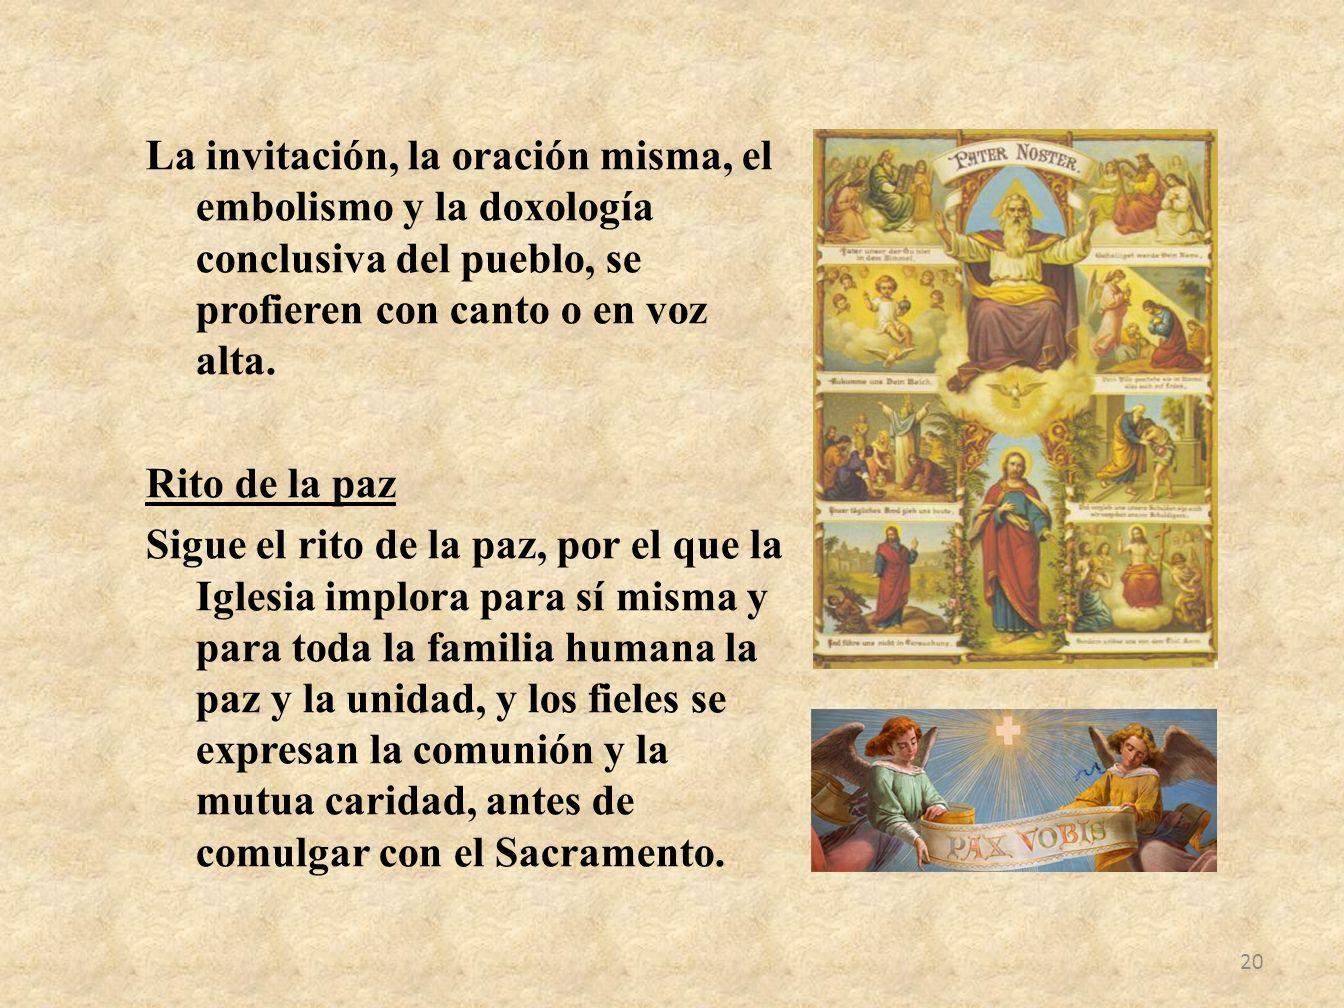 La invitación, la oración misma, el embolismo y la doxología conclusiva del pueblo, se profieren con canto o en voz alta.